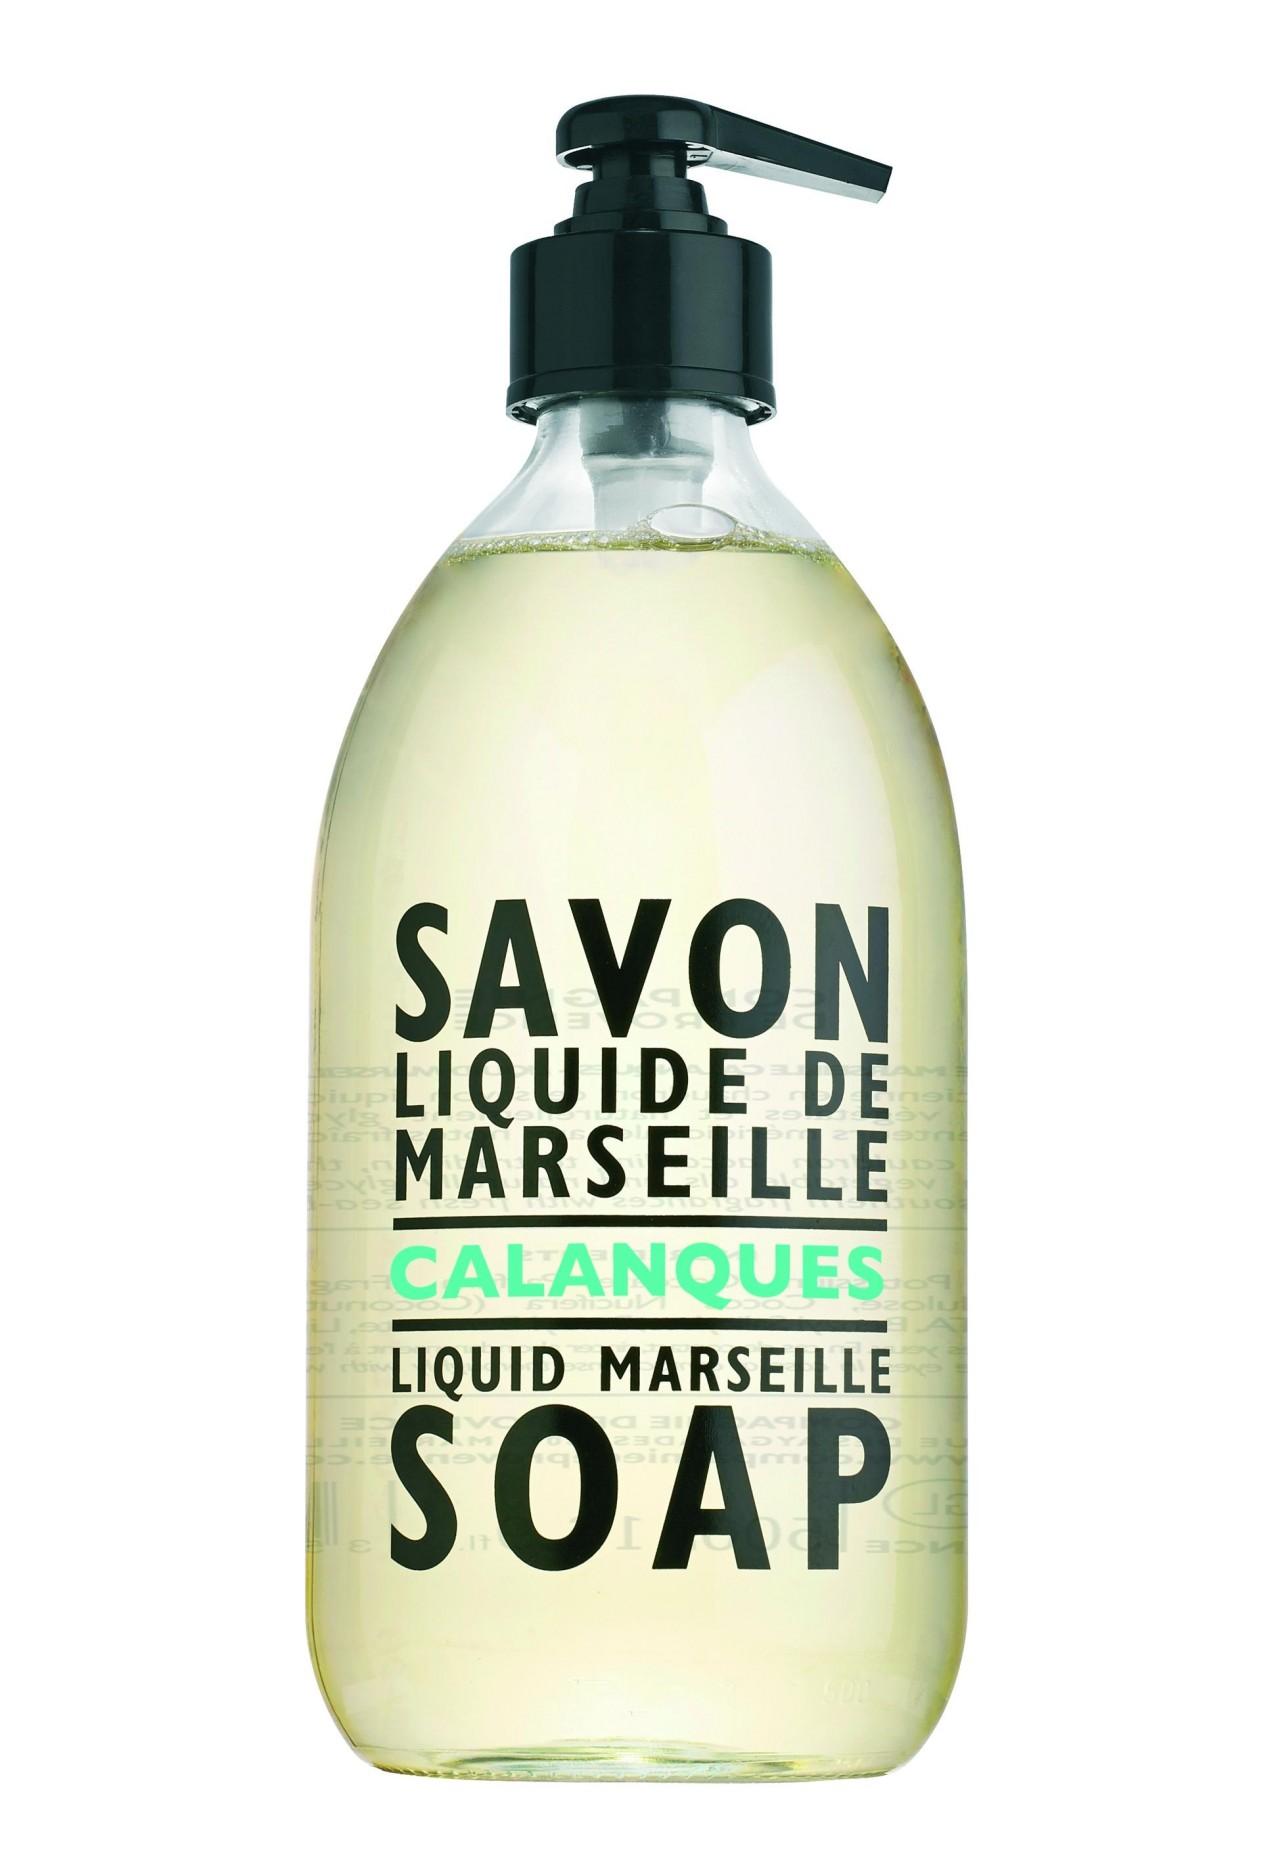 Sapone Liquido di Marsiglia Calanques 500 ml Compagnie de Provence Italia CP18072-01